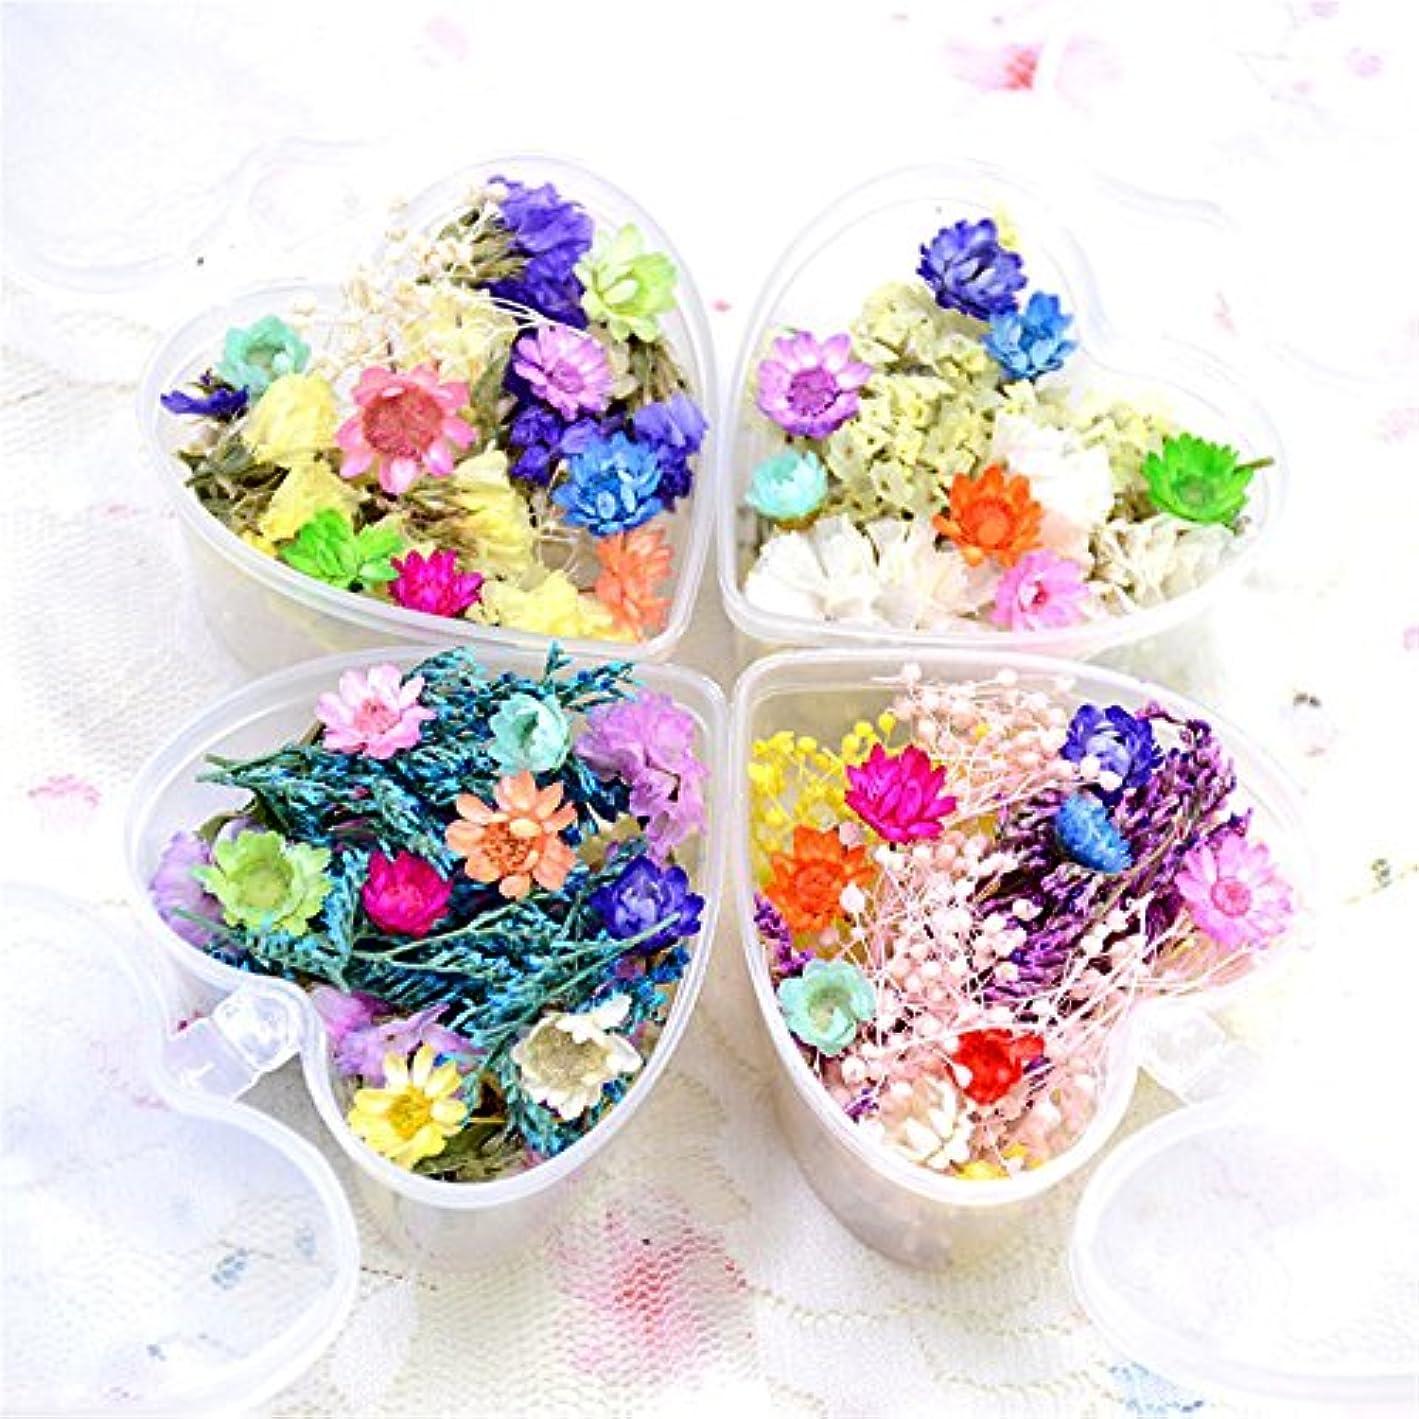 ウイルスでる代数的押し花 ドライフラワー 4ボックスセット 3Dネイル レジンデコレーション DIYデコレーション飾り用品 (セット4)